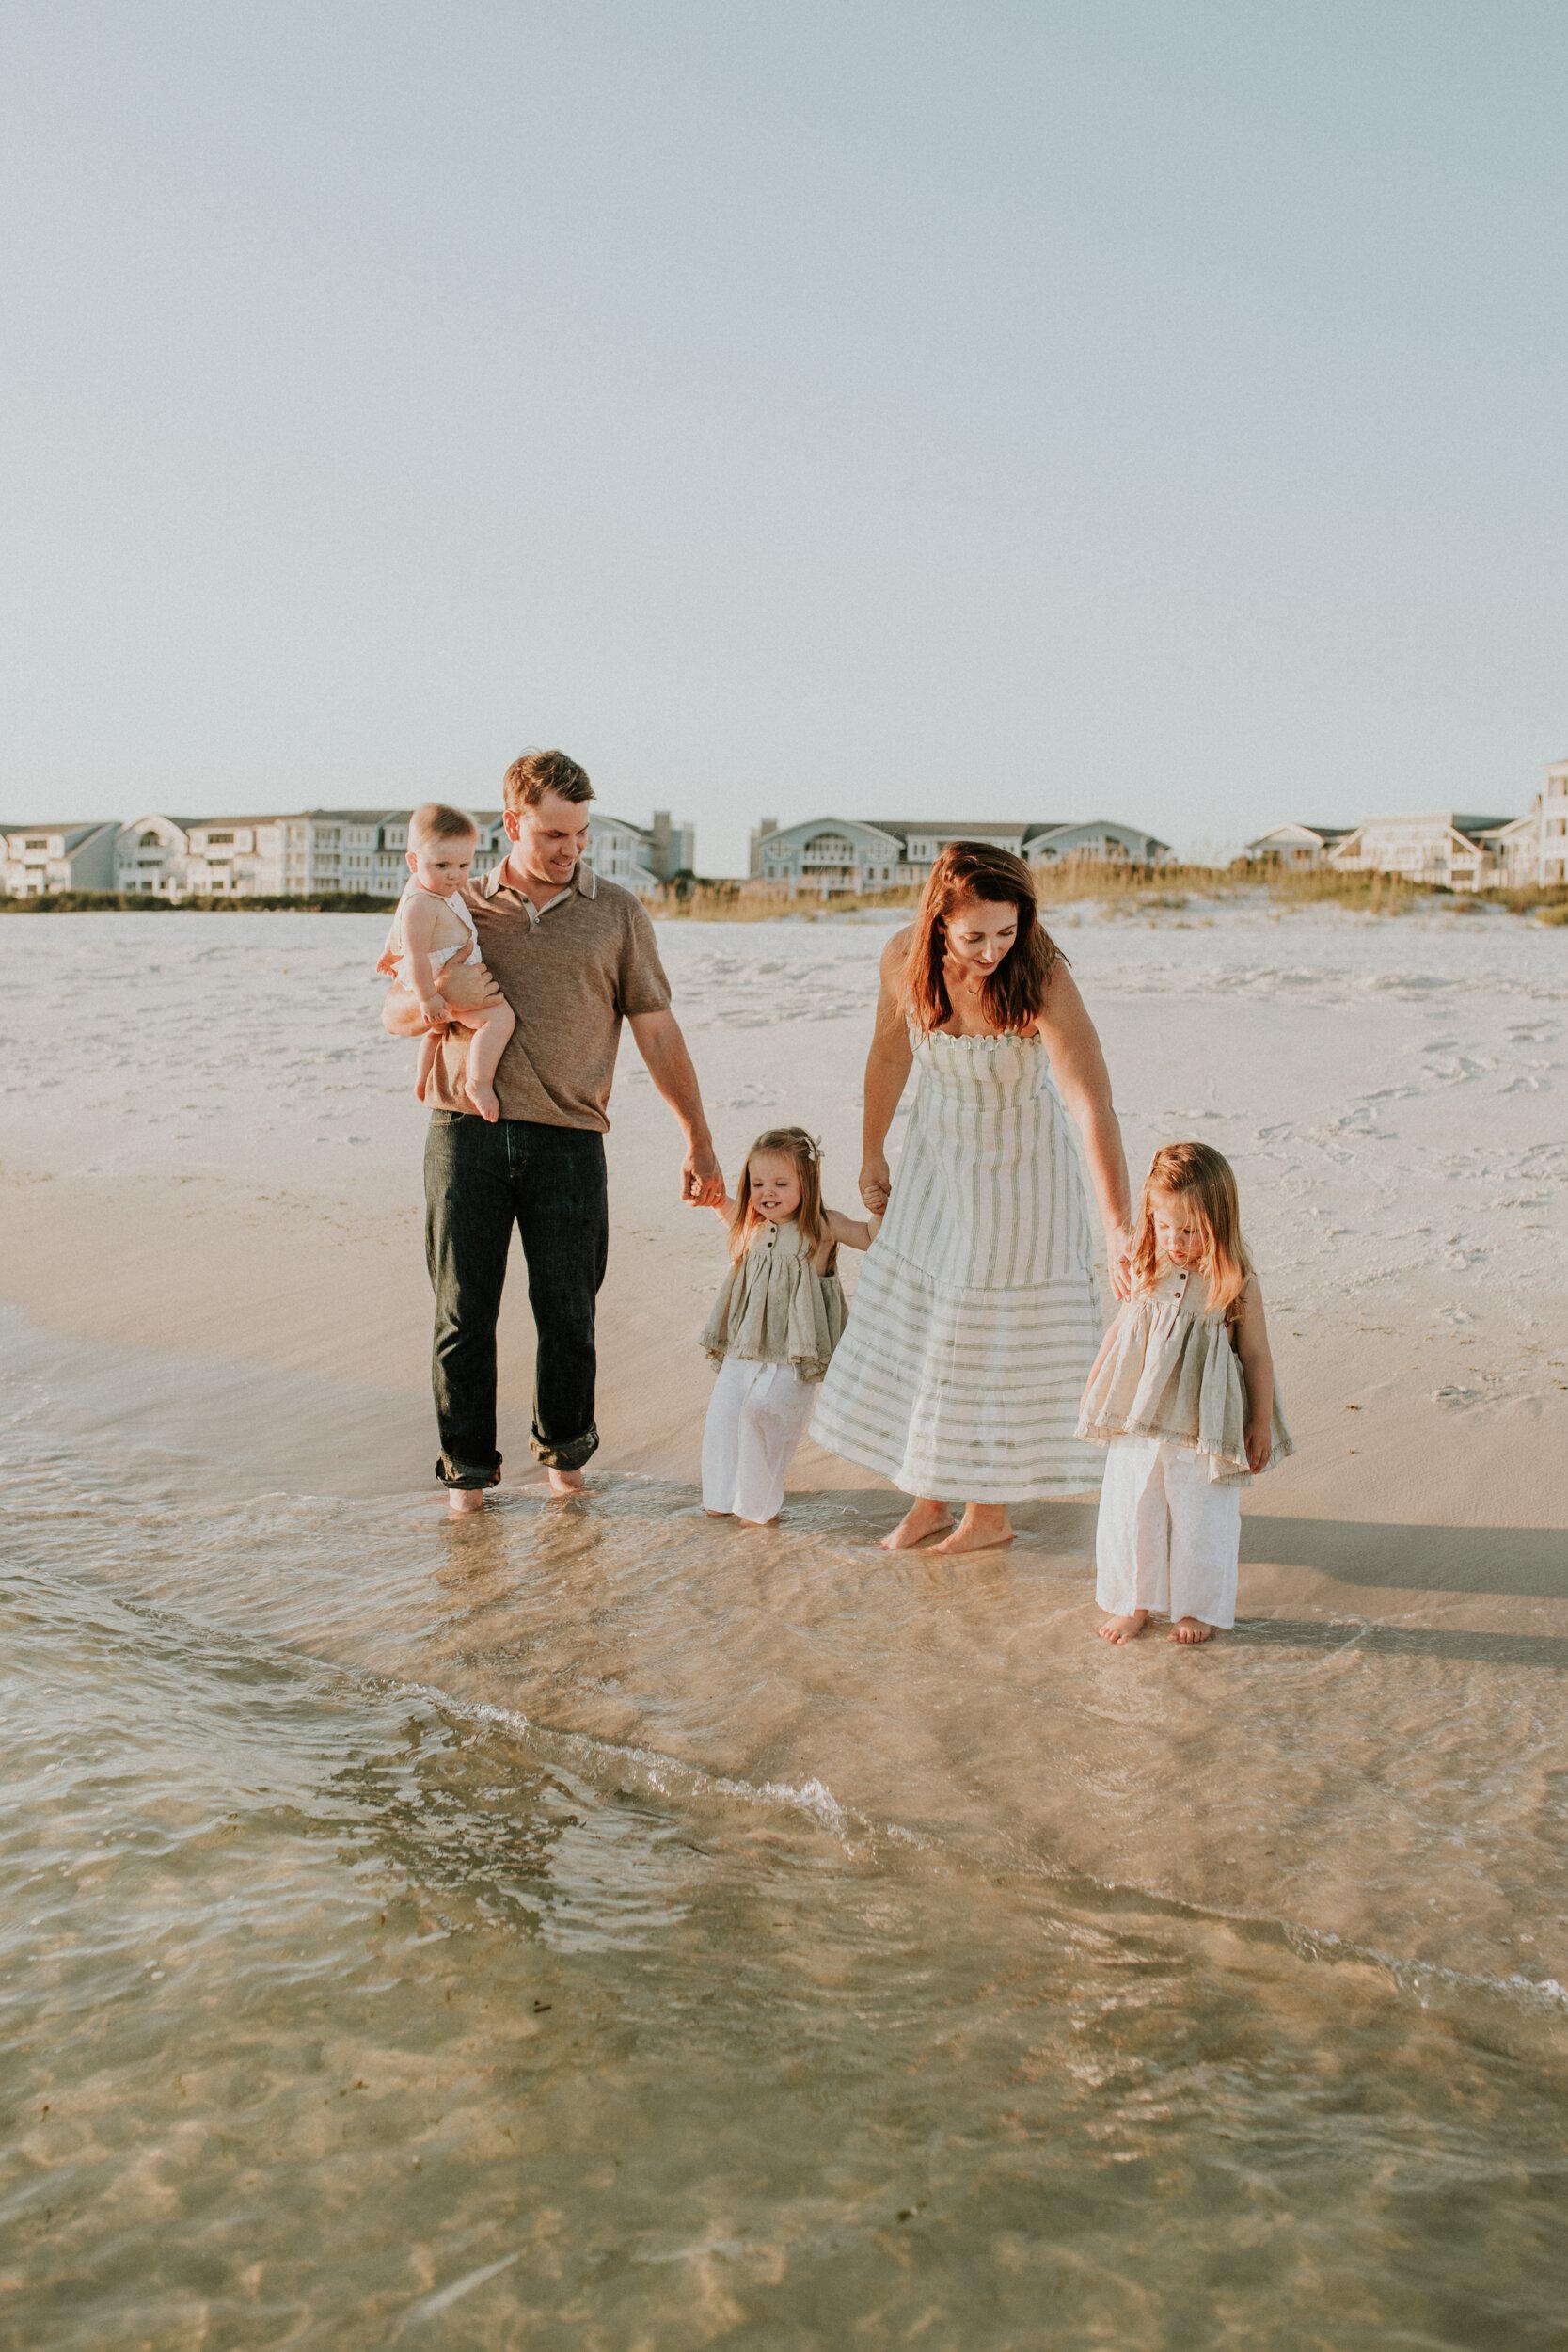 30a_Destin_Watersound_Florida_Family_Photographer_Beach_Photos-16.jpg